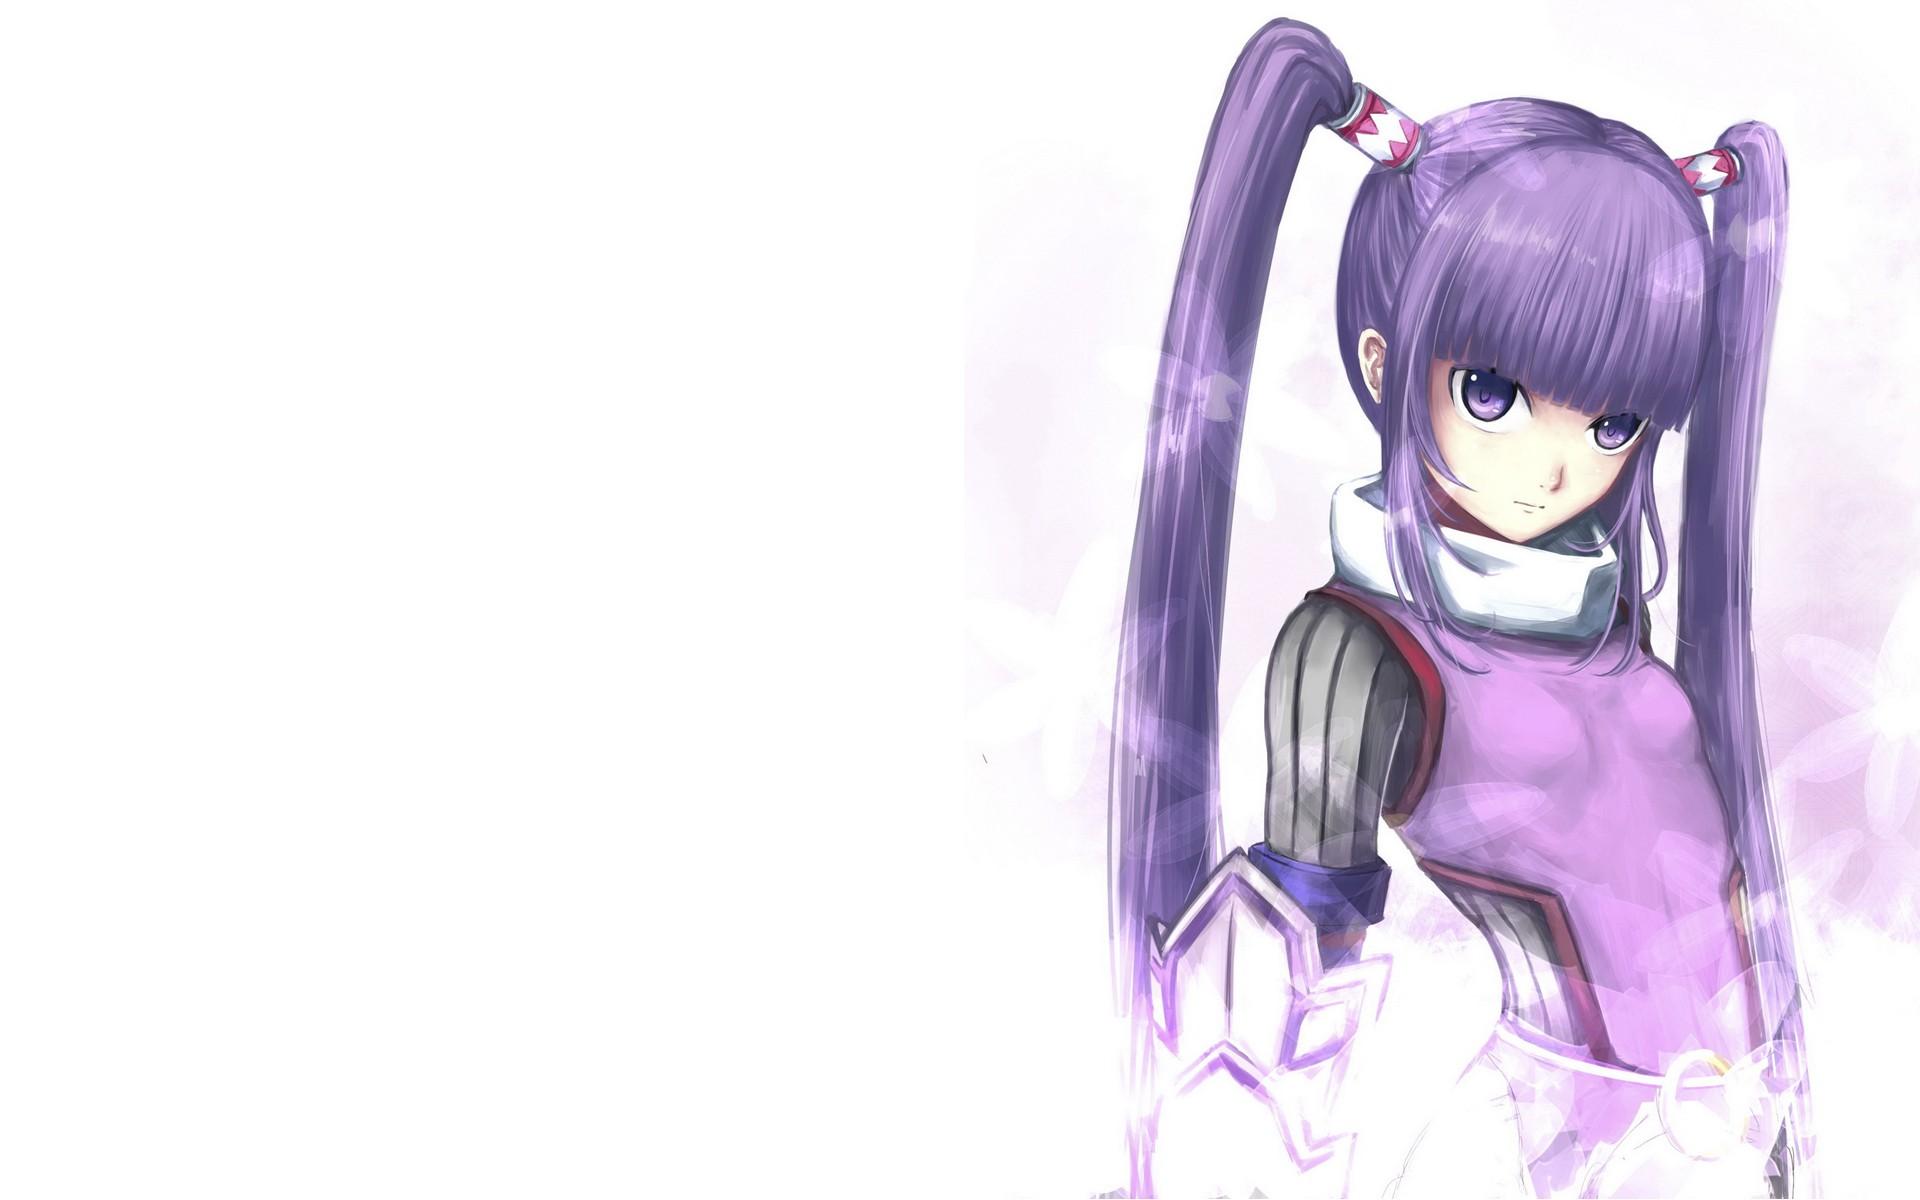 紫发双马尾动漫少女是谁